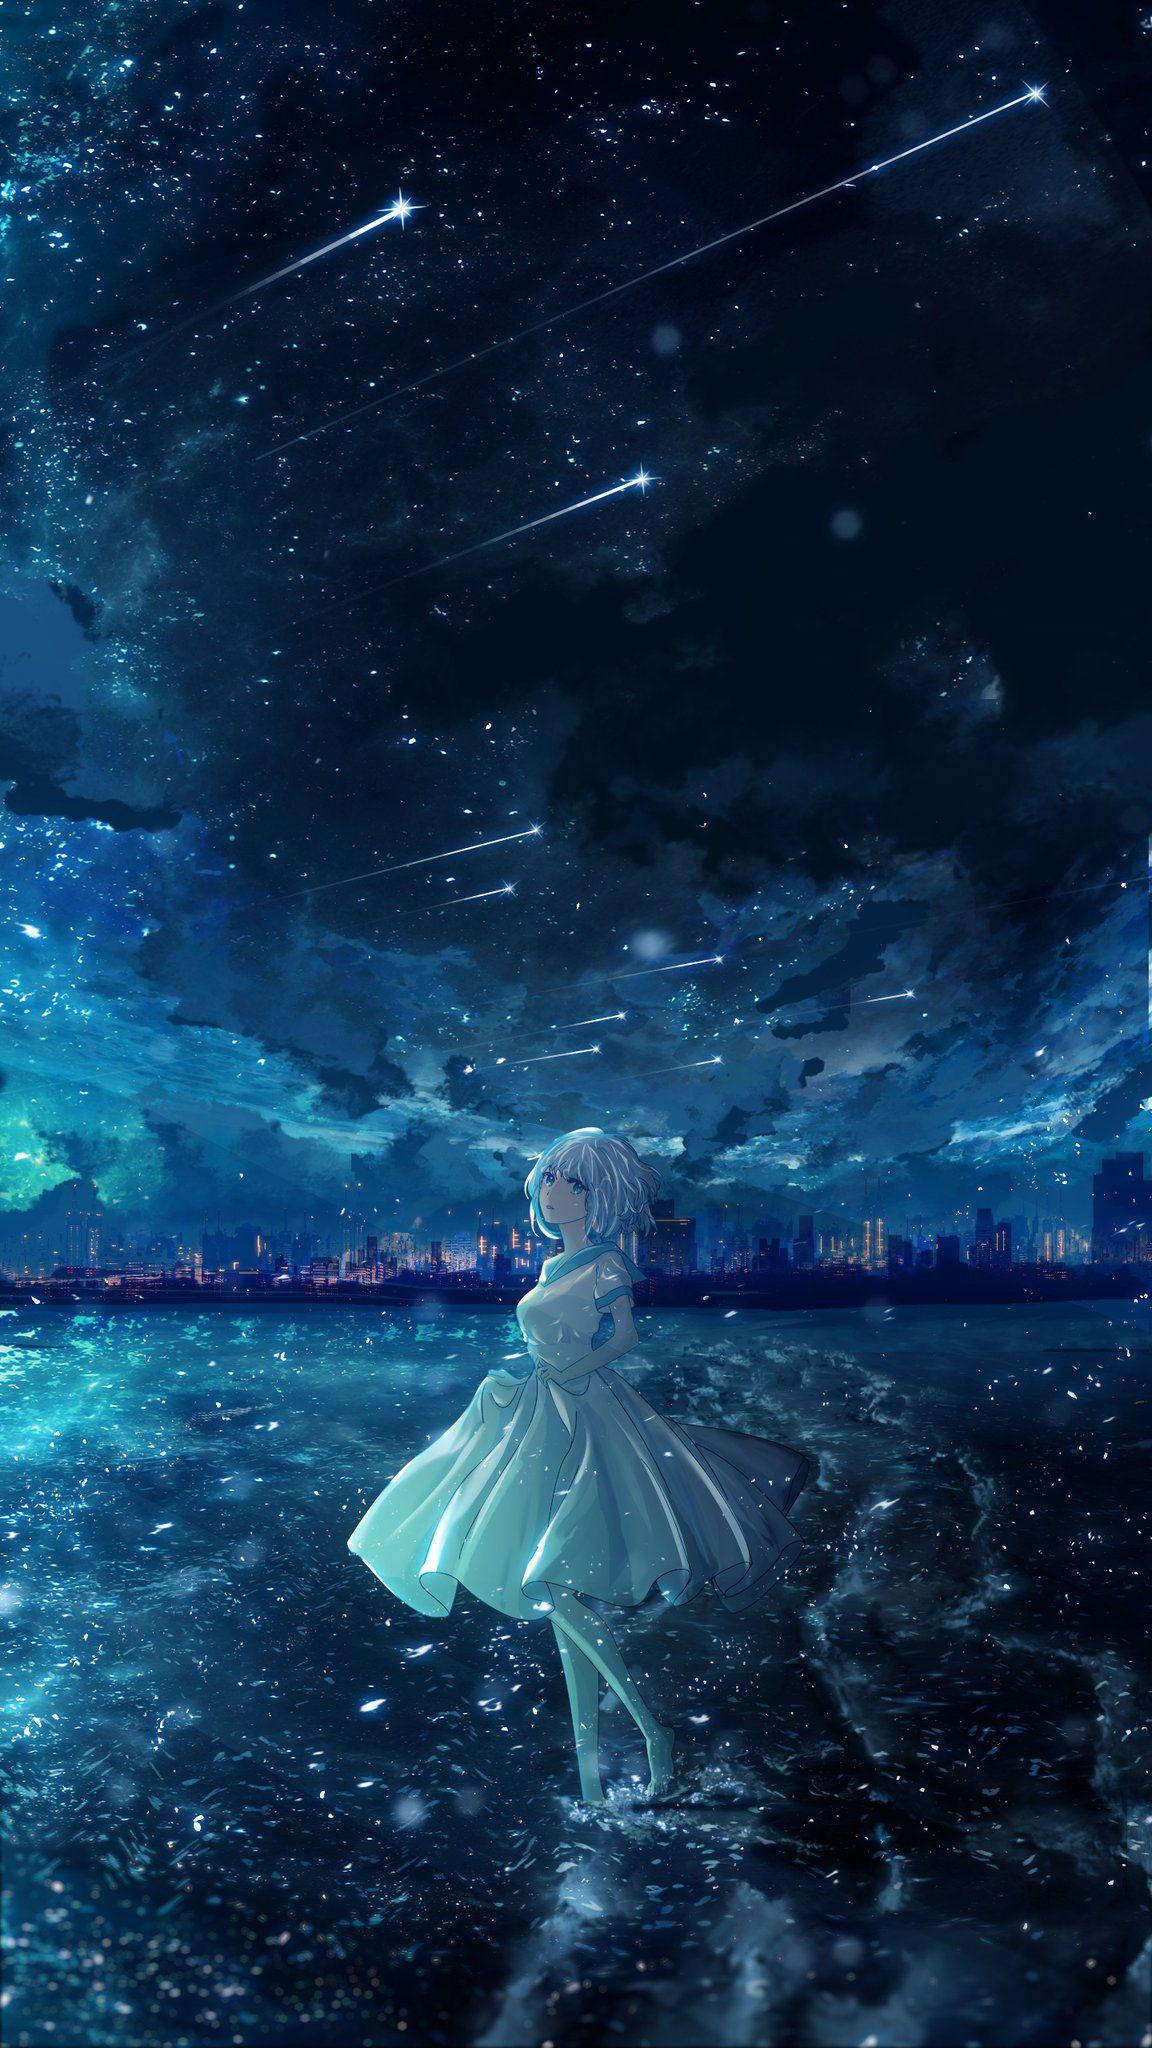 かわいいアニメガール おしゃれまとめの人気アイデア Pinterest Kosei アニメの風景 悲しい イラスト イラスト